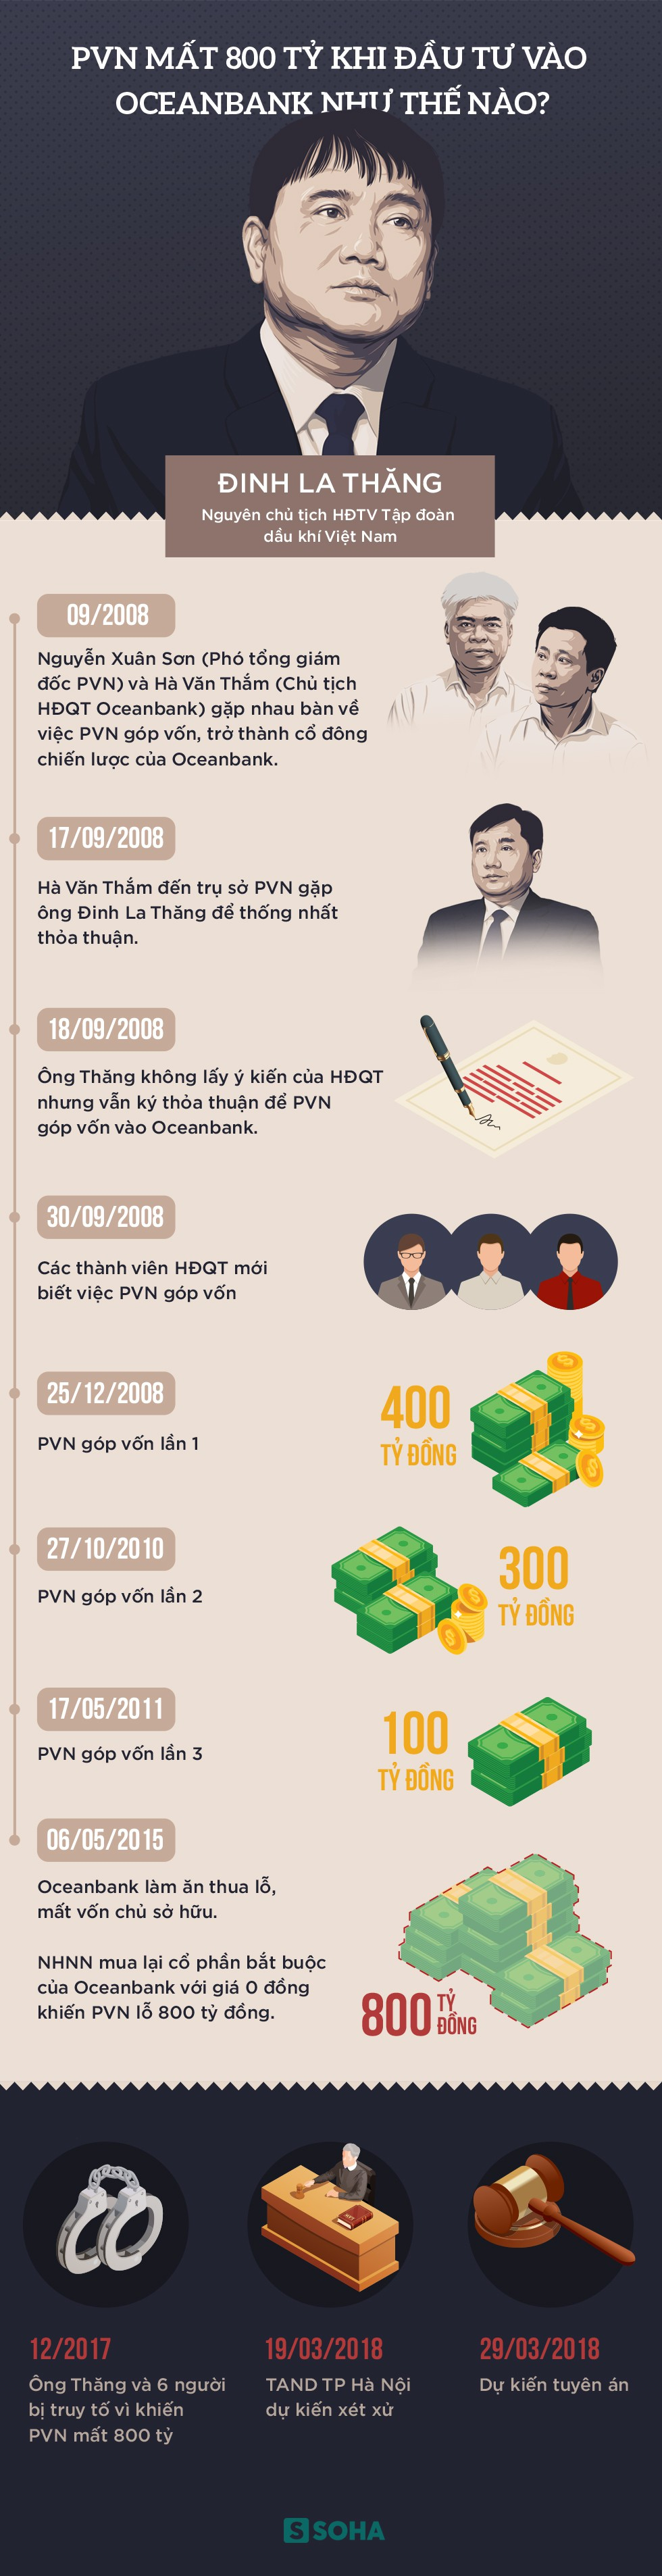 Ông Đinh La Thăng liên quan gì đến vụ PVN mất 800 tỷ khi đầu tư vào Oceanbank? - Ảnh 1.